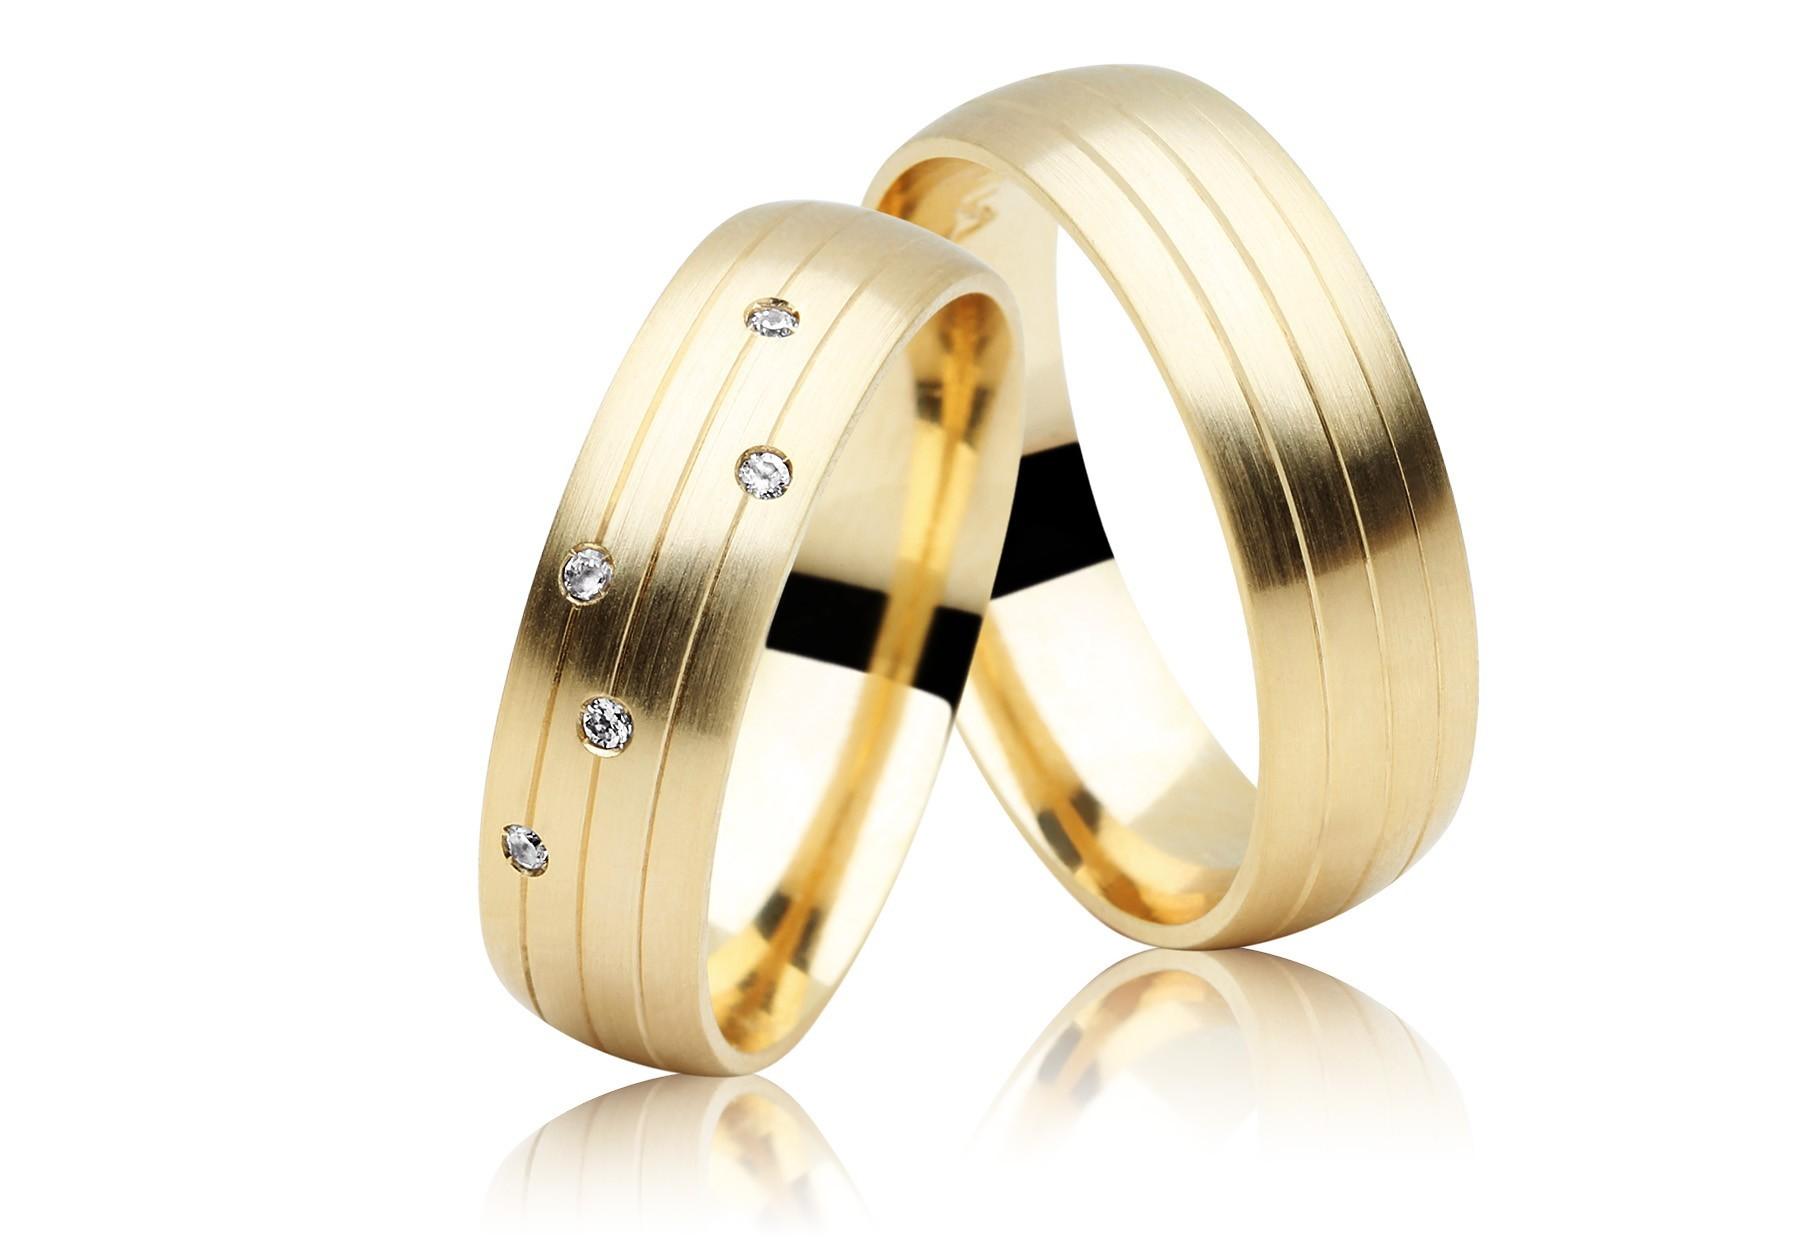 aliancas-casamento-sp-constellation-com-9-5-gramas-o-par-cc5